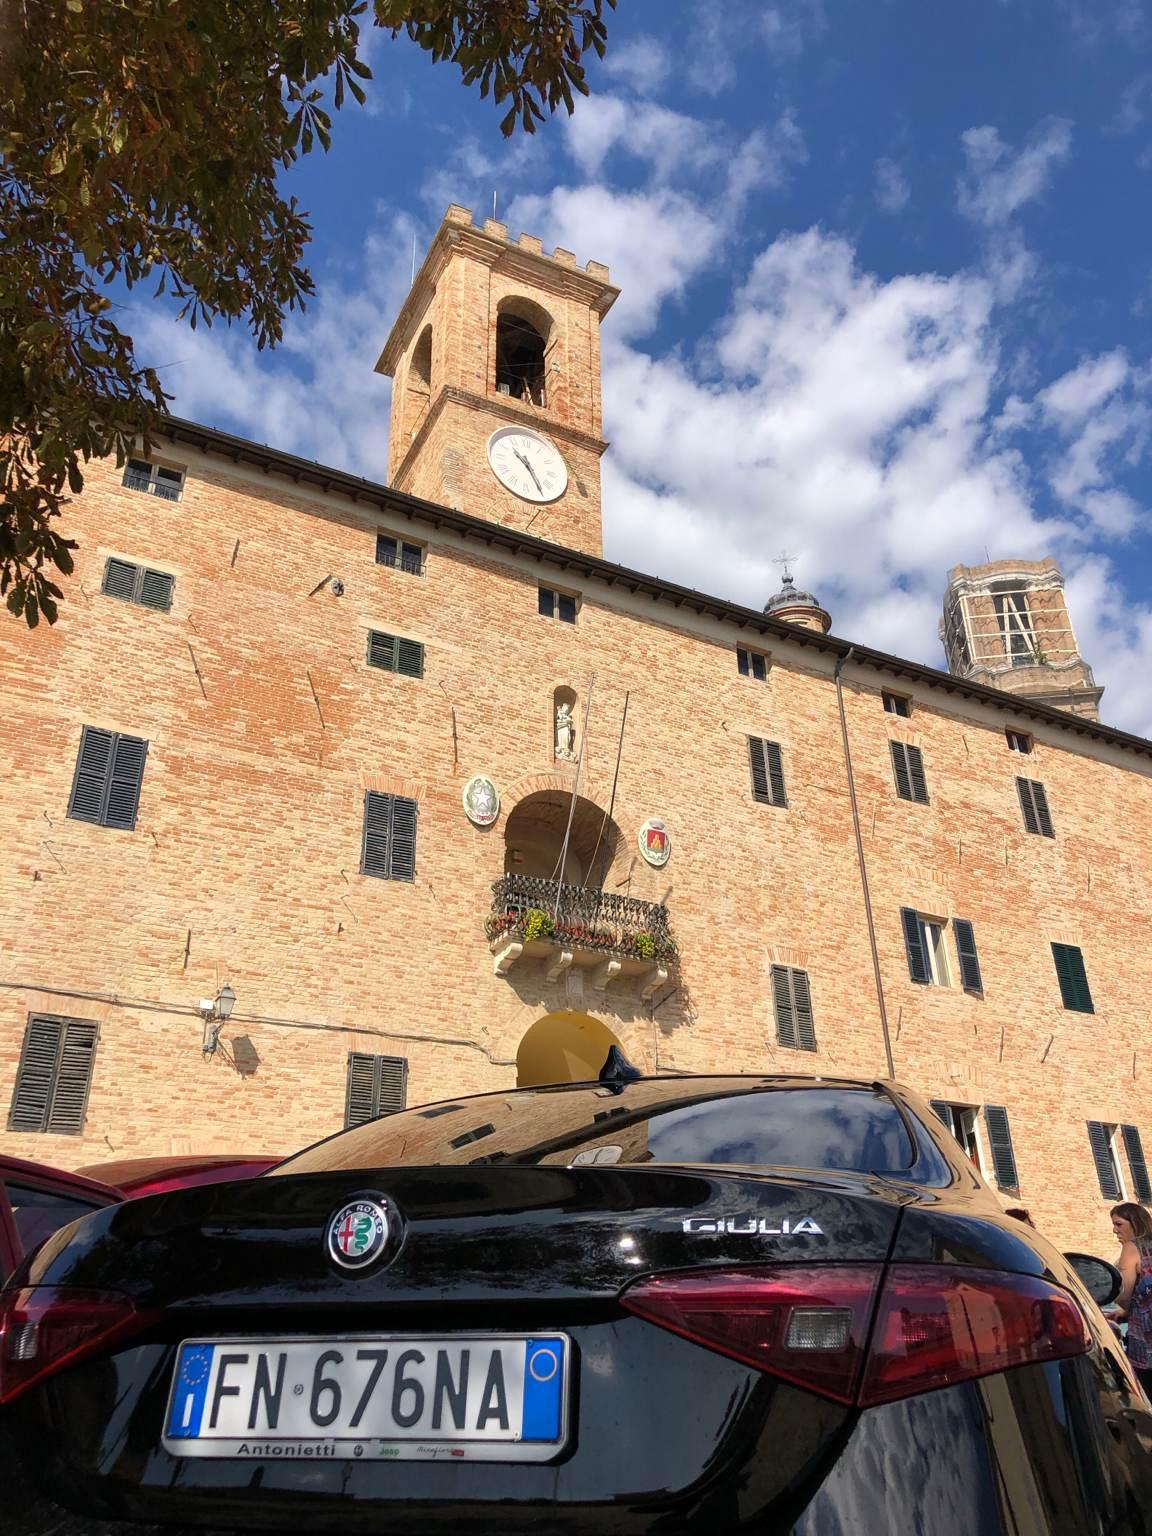 foto 5° raduno Alfa Romeo nella Vallesina 7/8 settembre 2019 - 2